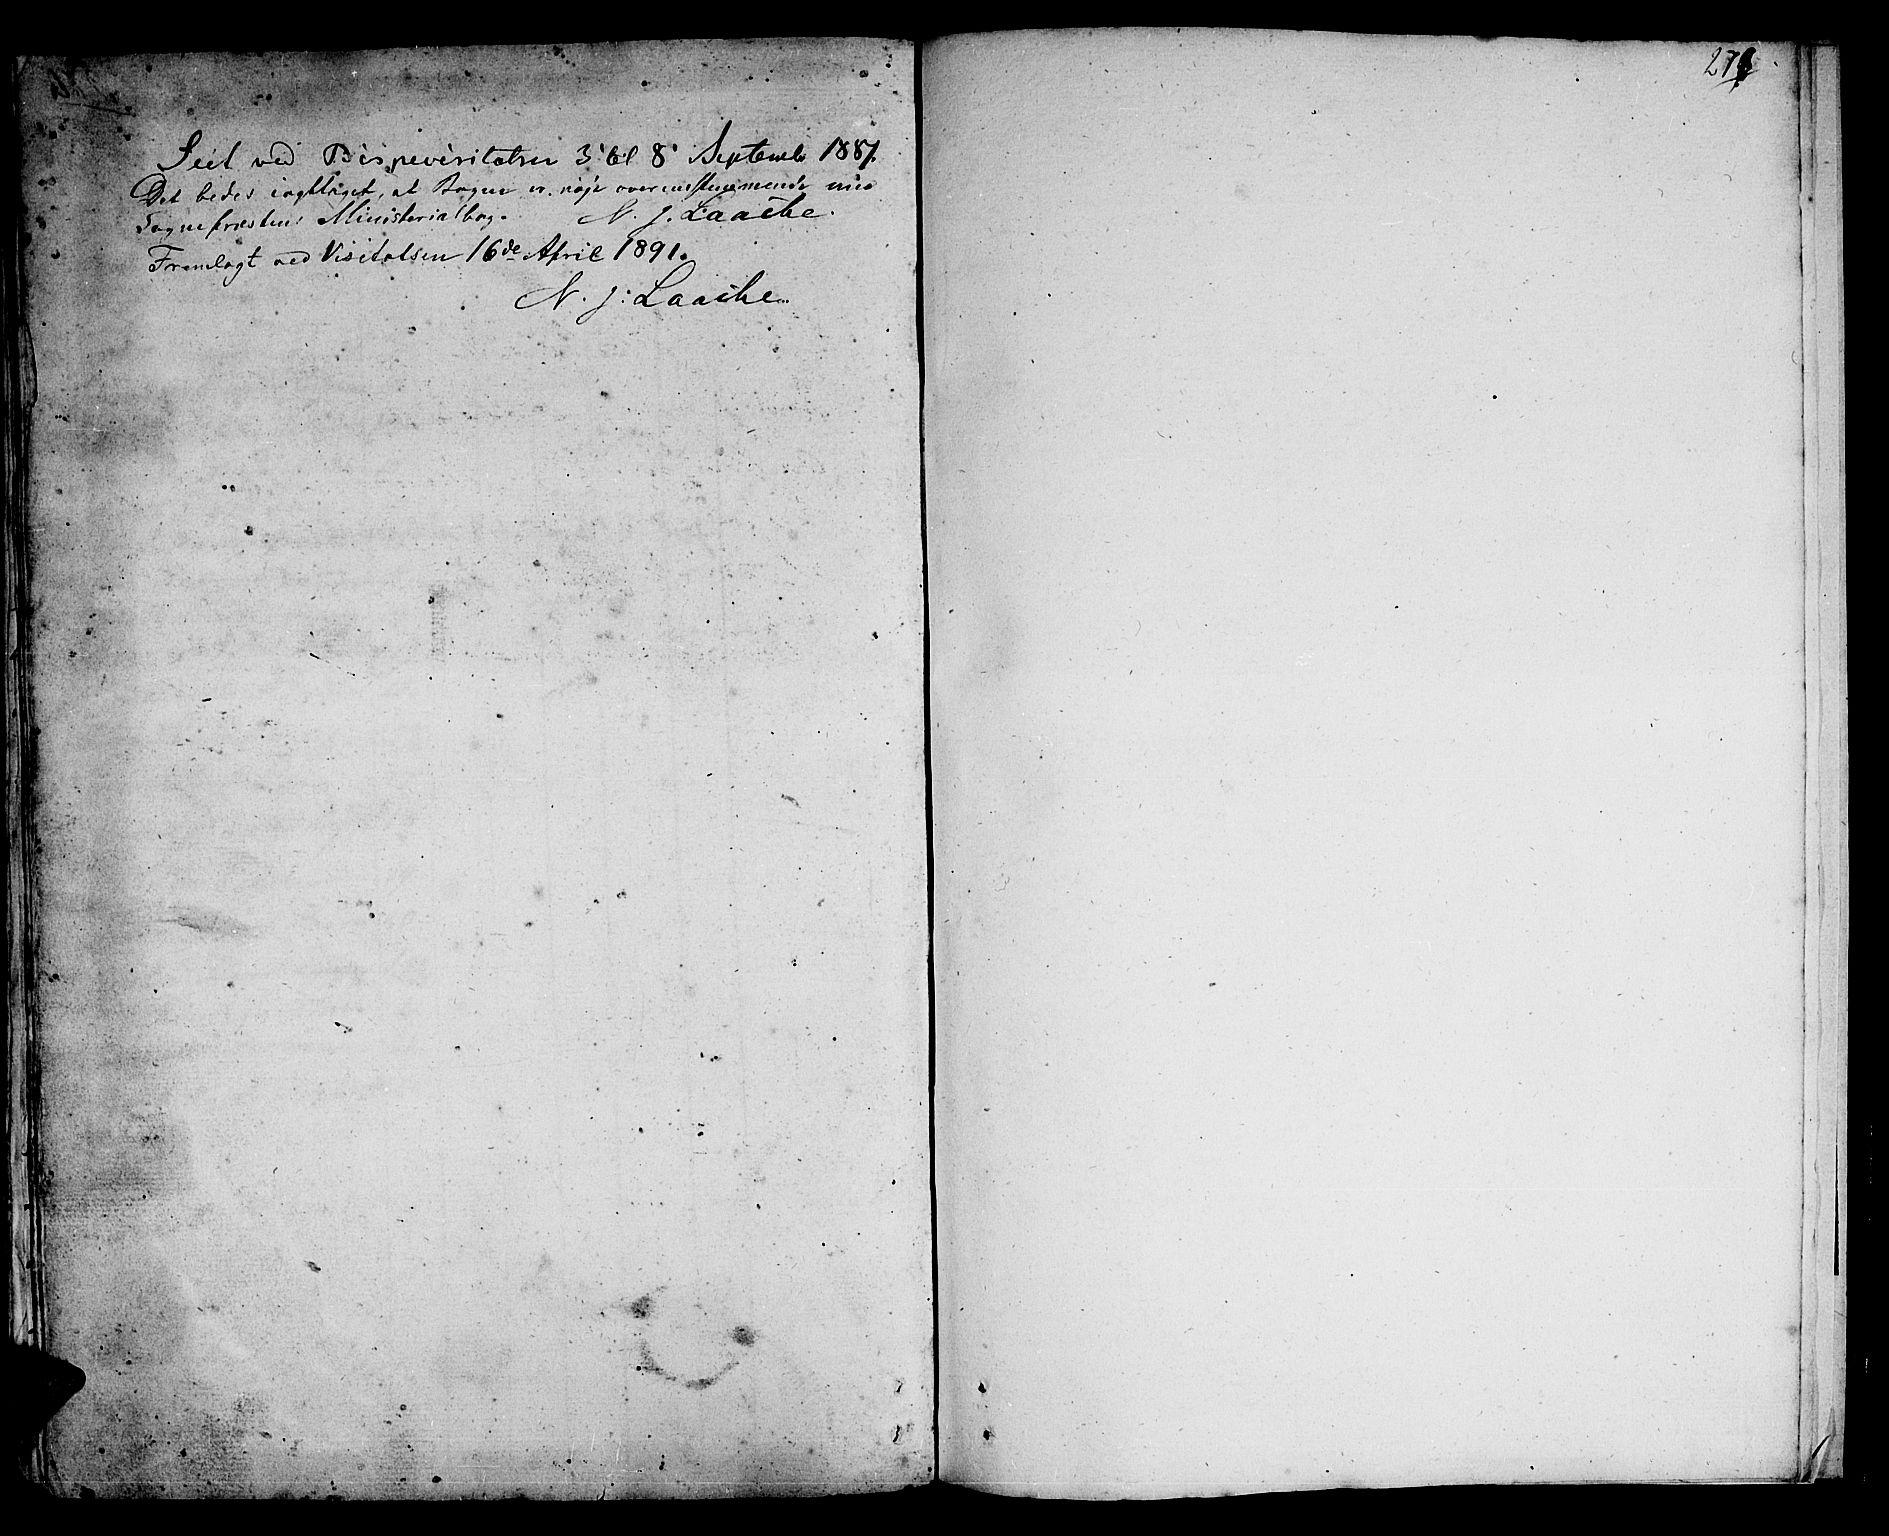 SAT, Ministerialprotokoller, klokkerbøker og fødselsregistre - Sør-Trøndelag, 692/L1108: Klokkerbok nr. 692C03, 1816-1833, s. 371